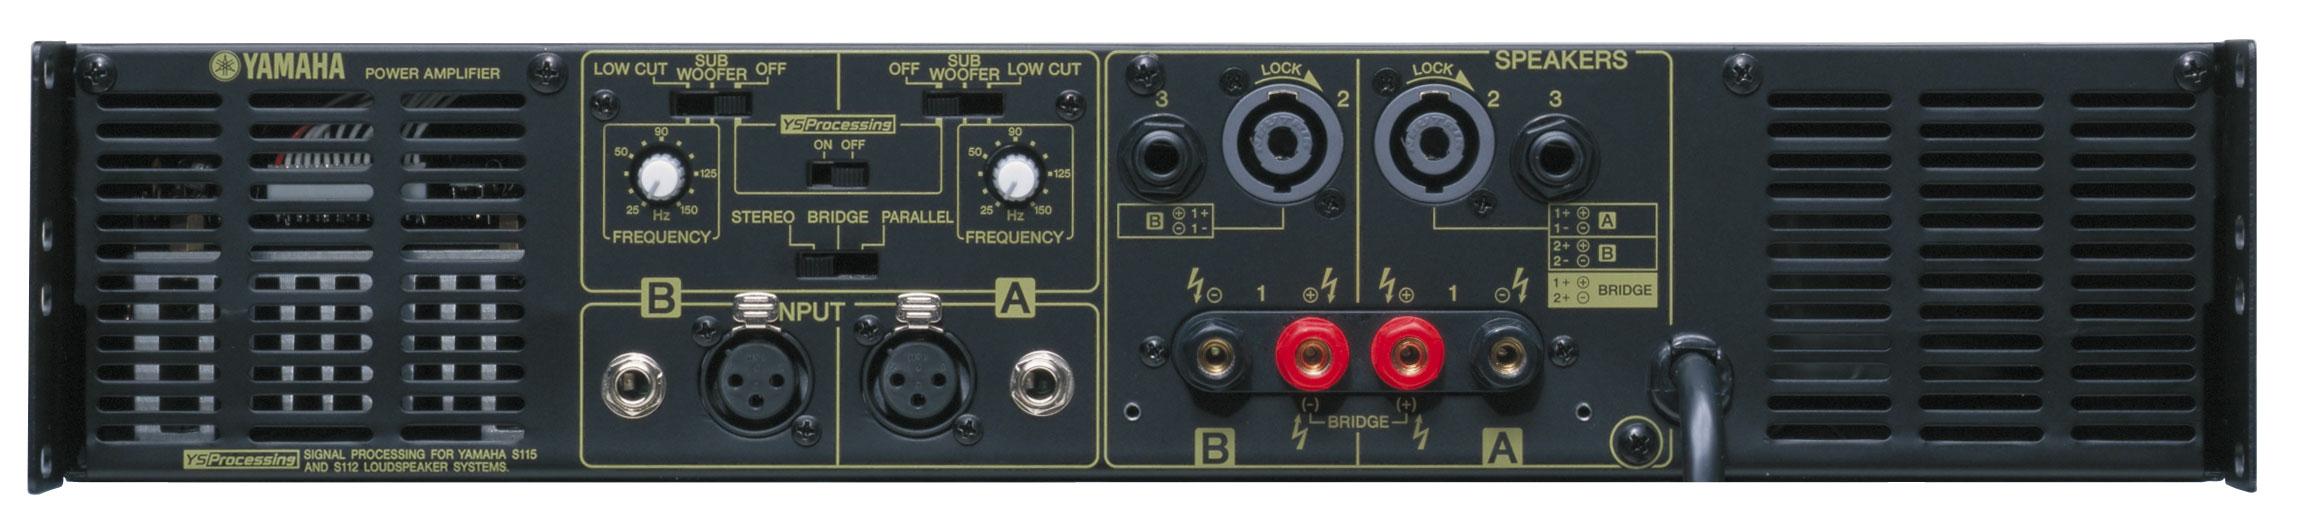 power amplifier susantoxp 39 s pro. Black Bedroom Furniture Sets. Home Design Ideas